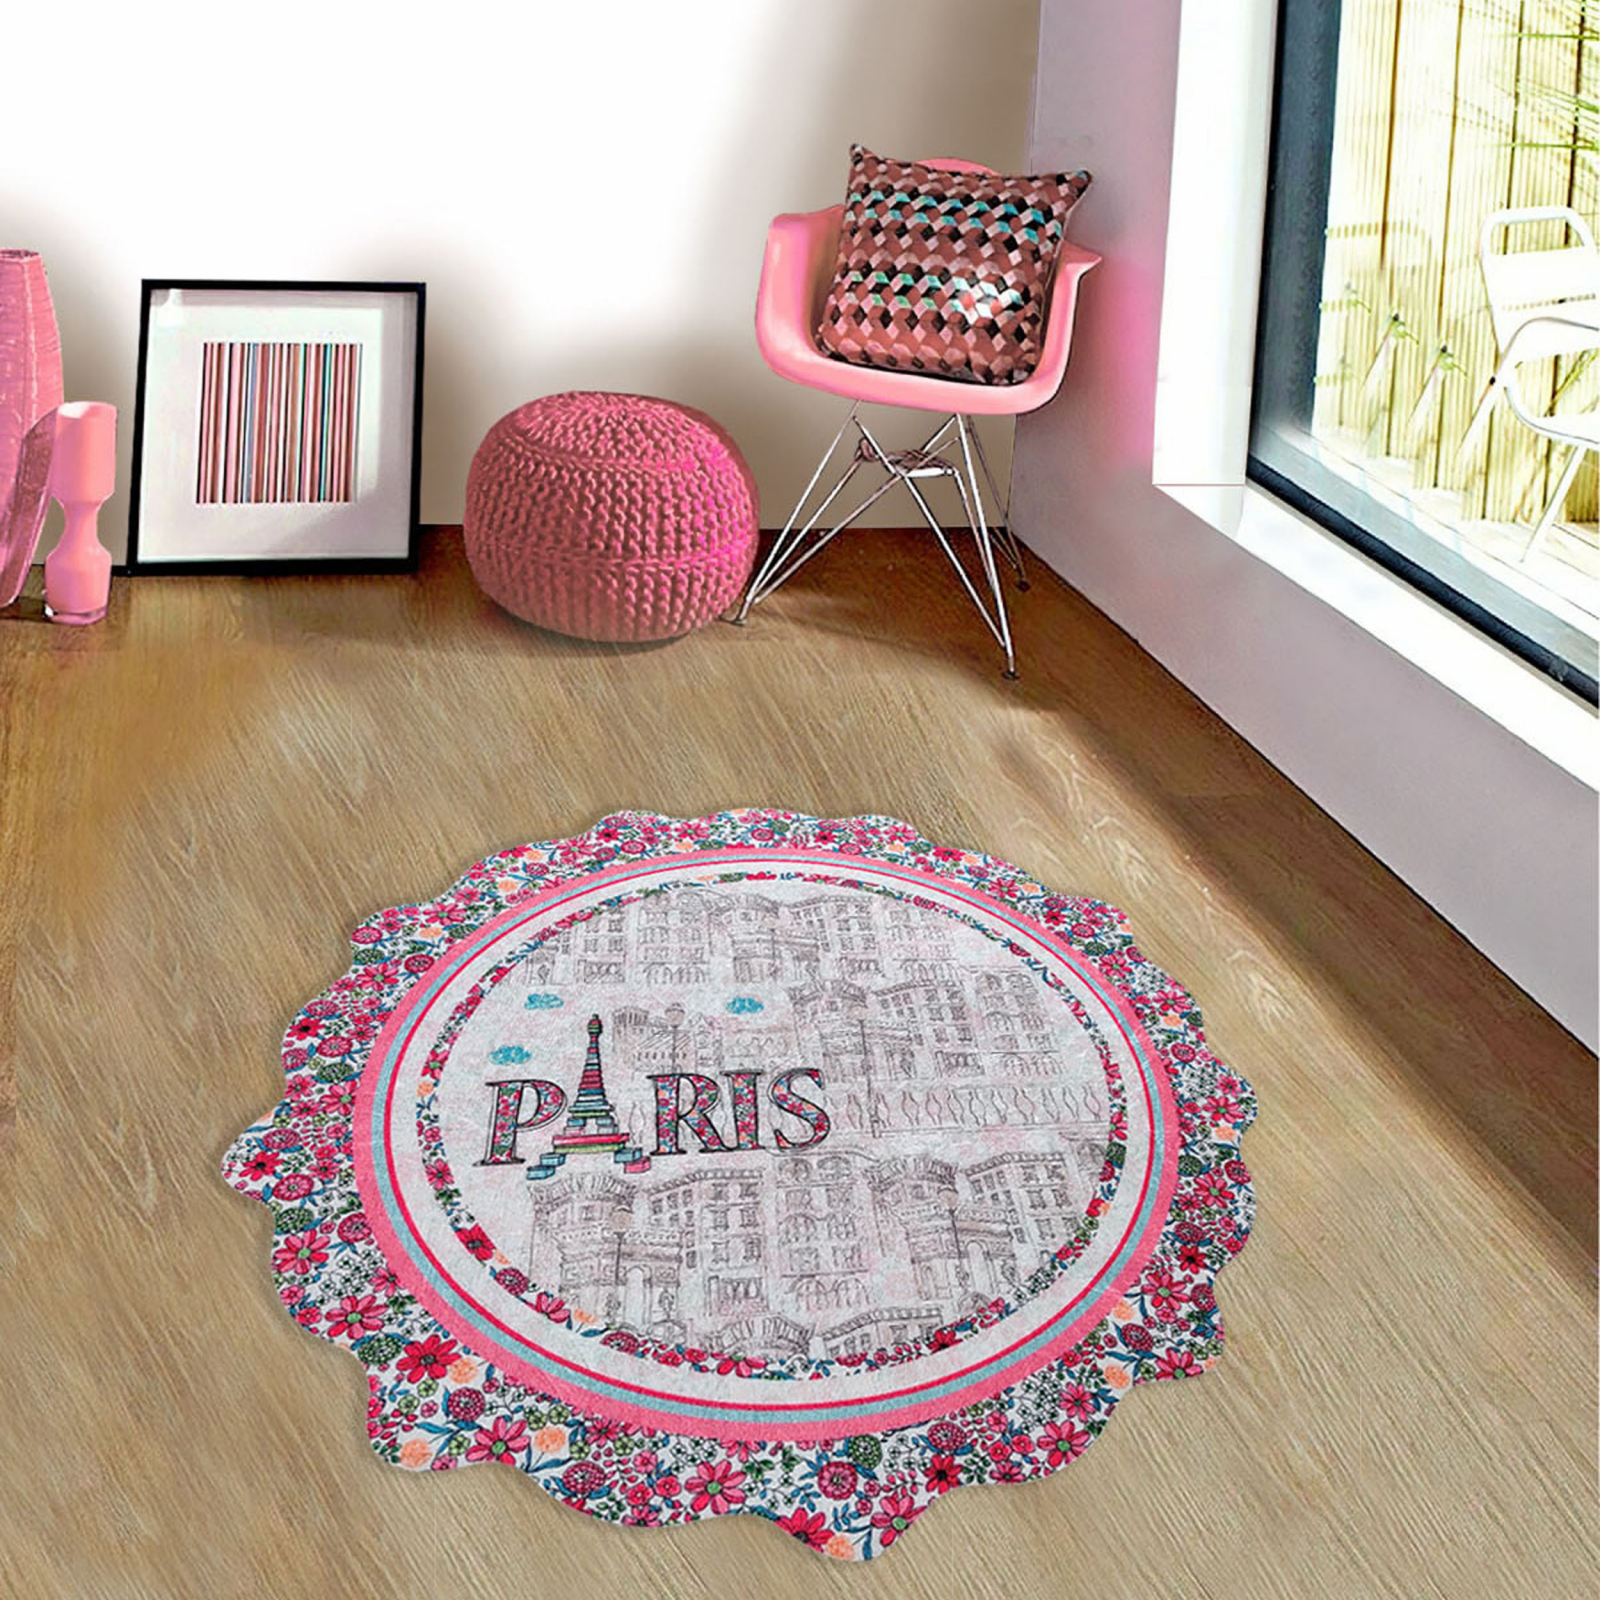 Karaca Home Circle Genç Paris Baskılı Halı 100x100cm